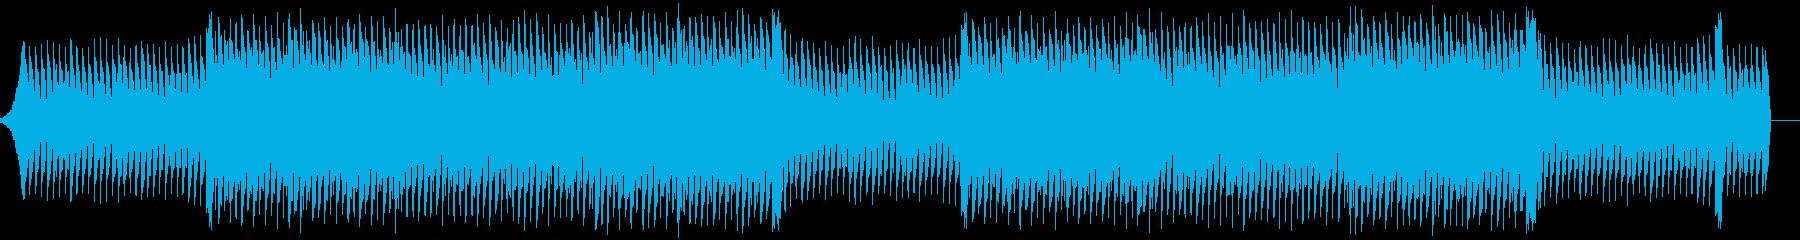 企業VP系、爽やかギターダンスポップの再生済みの波形